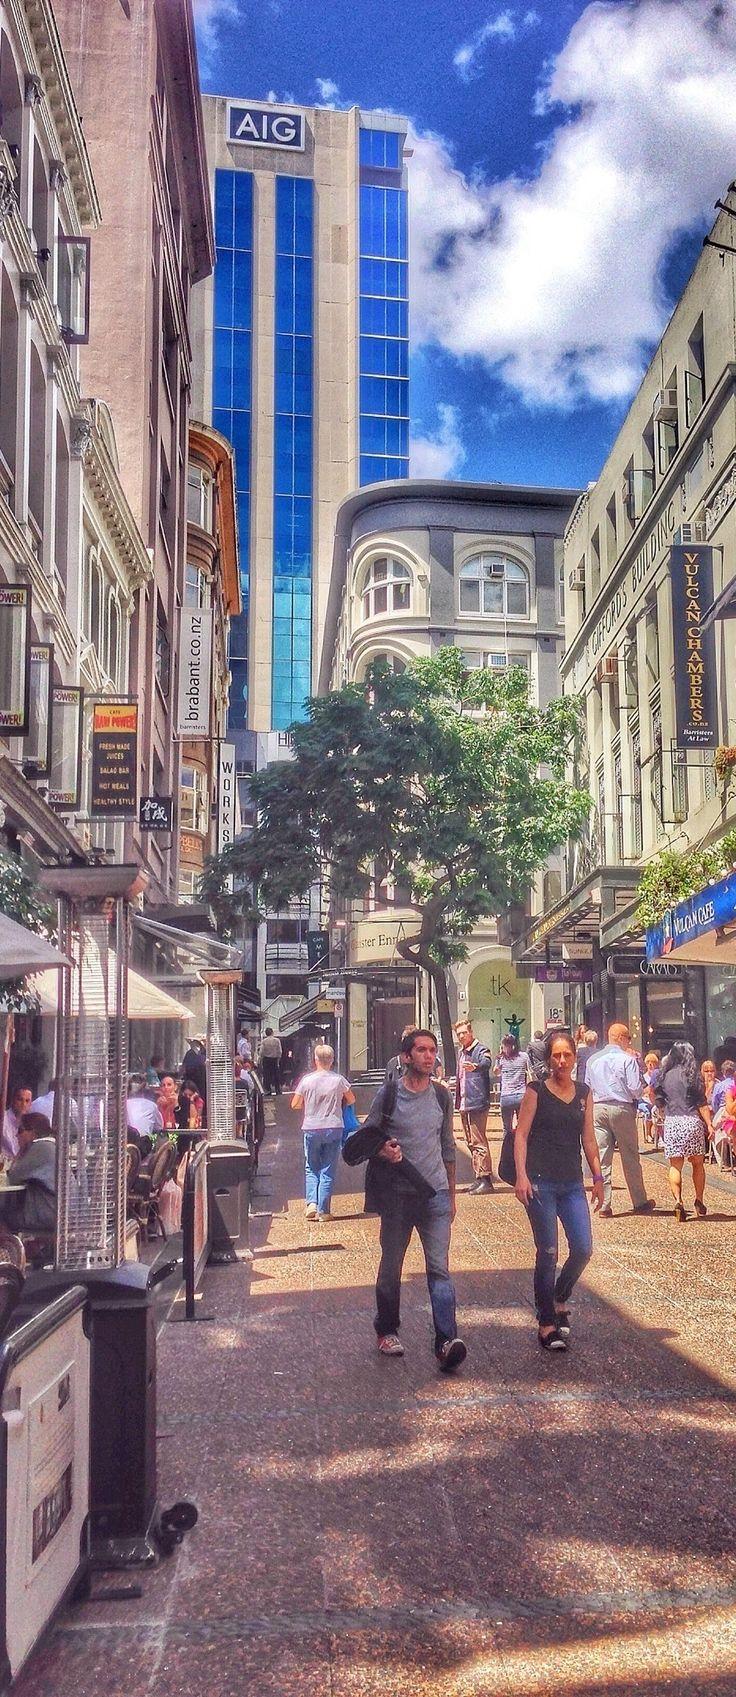 New Zealand - Auckland - Vulcan Lane